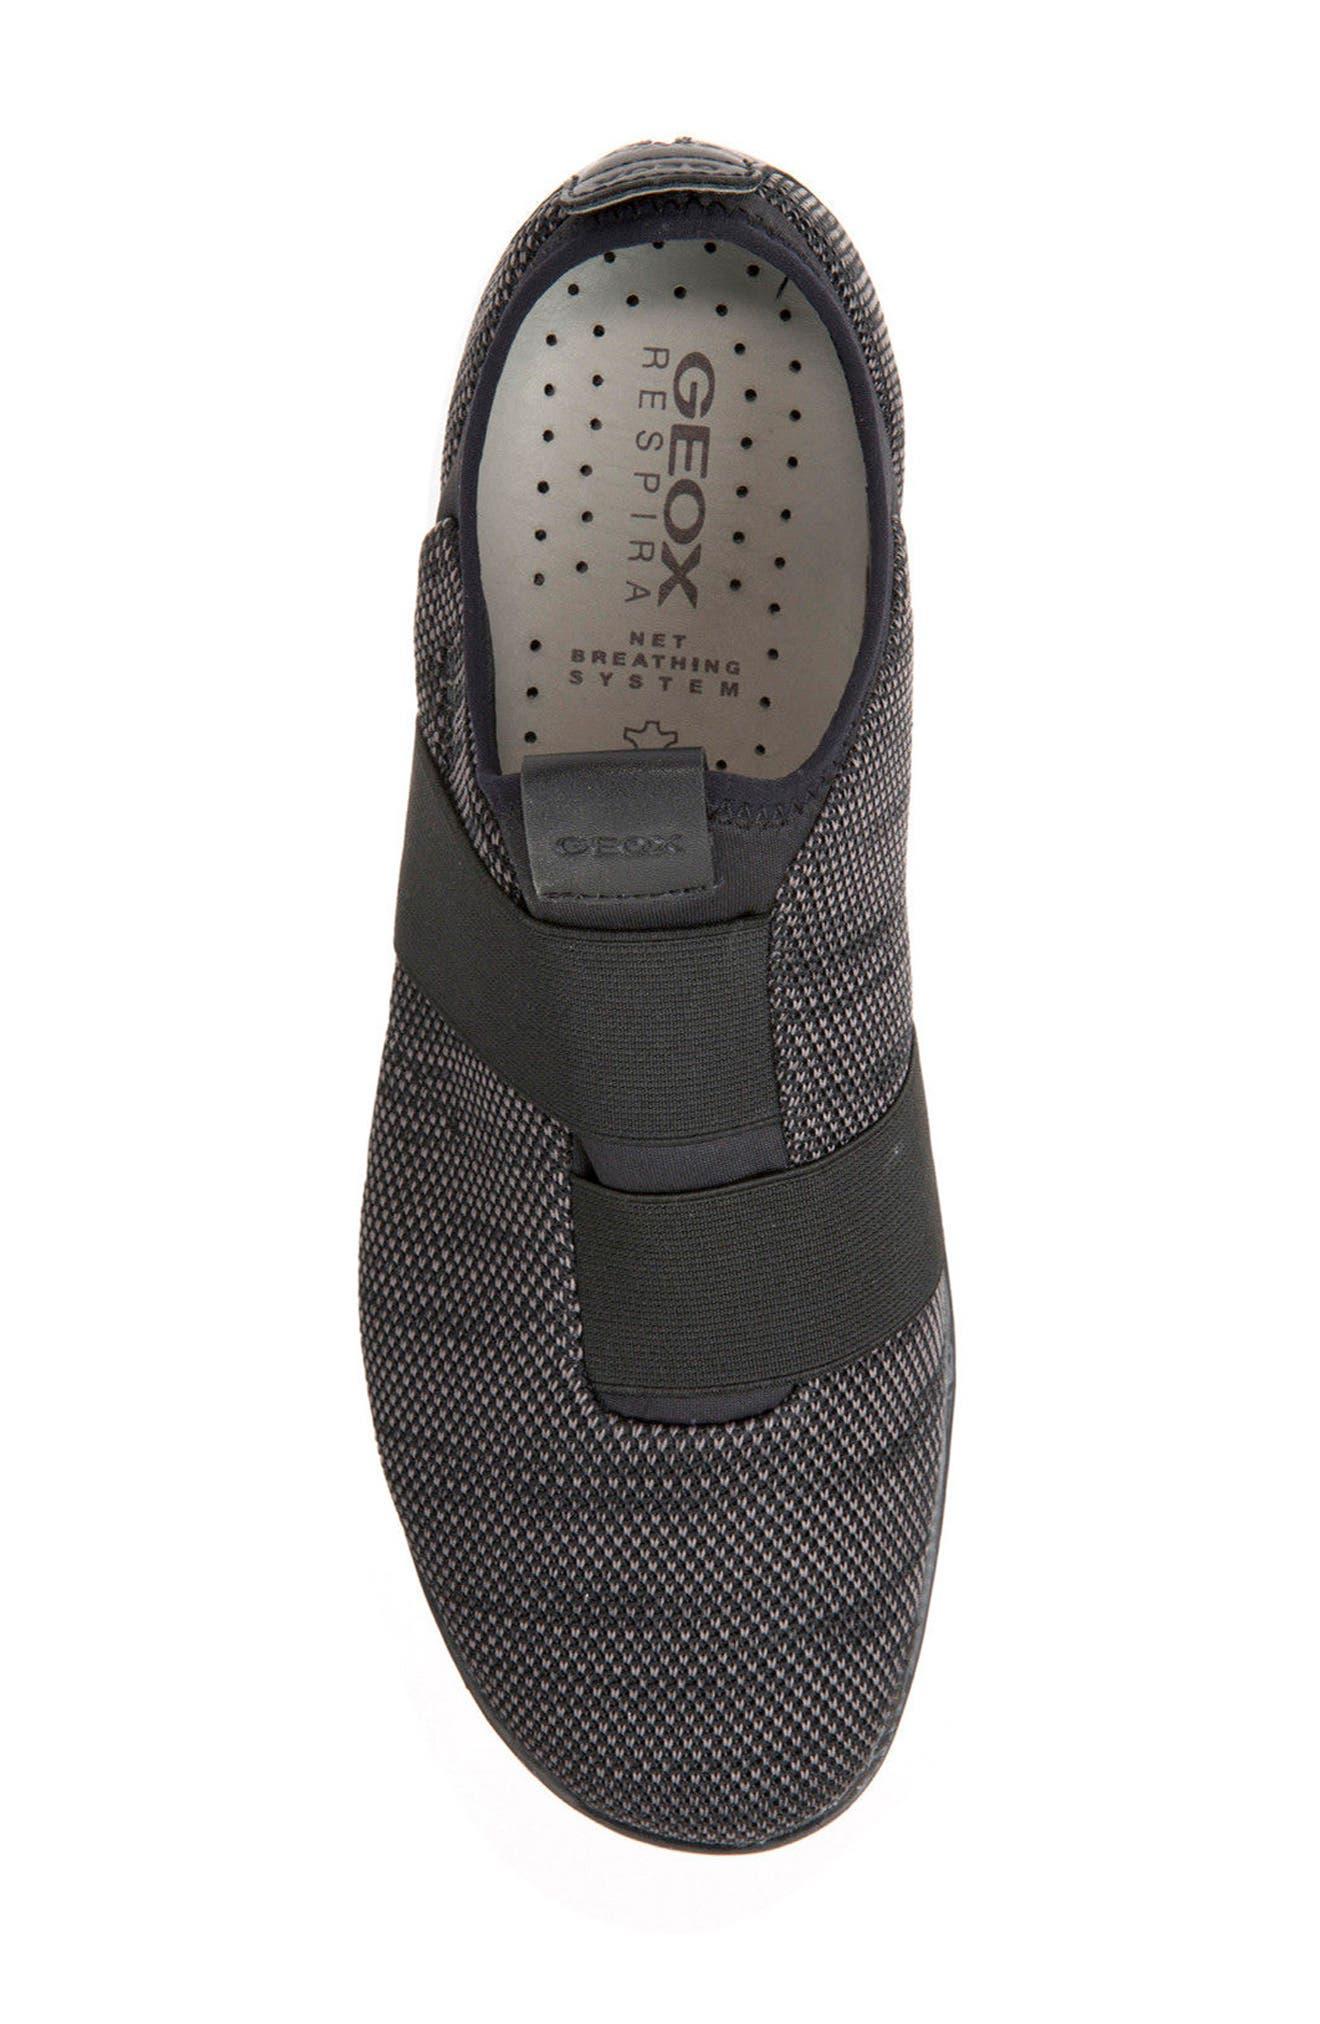 GEOX, Nebula 45 Banded Slip-On Sneaker, Alternate thumbnail 5, color, BLACK